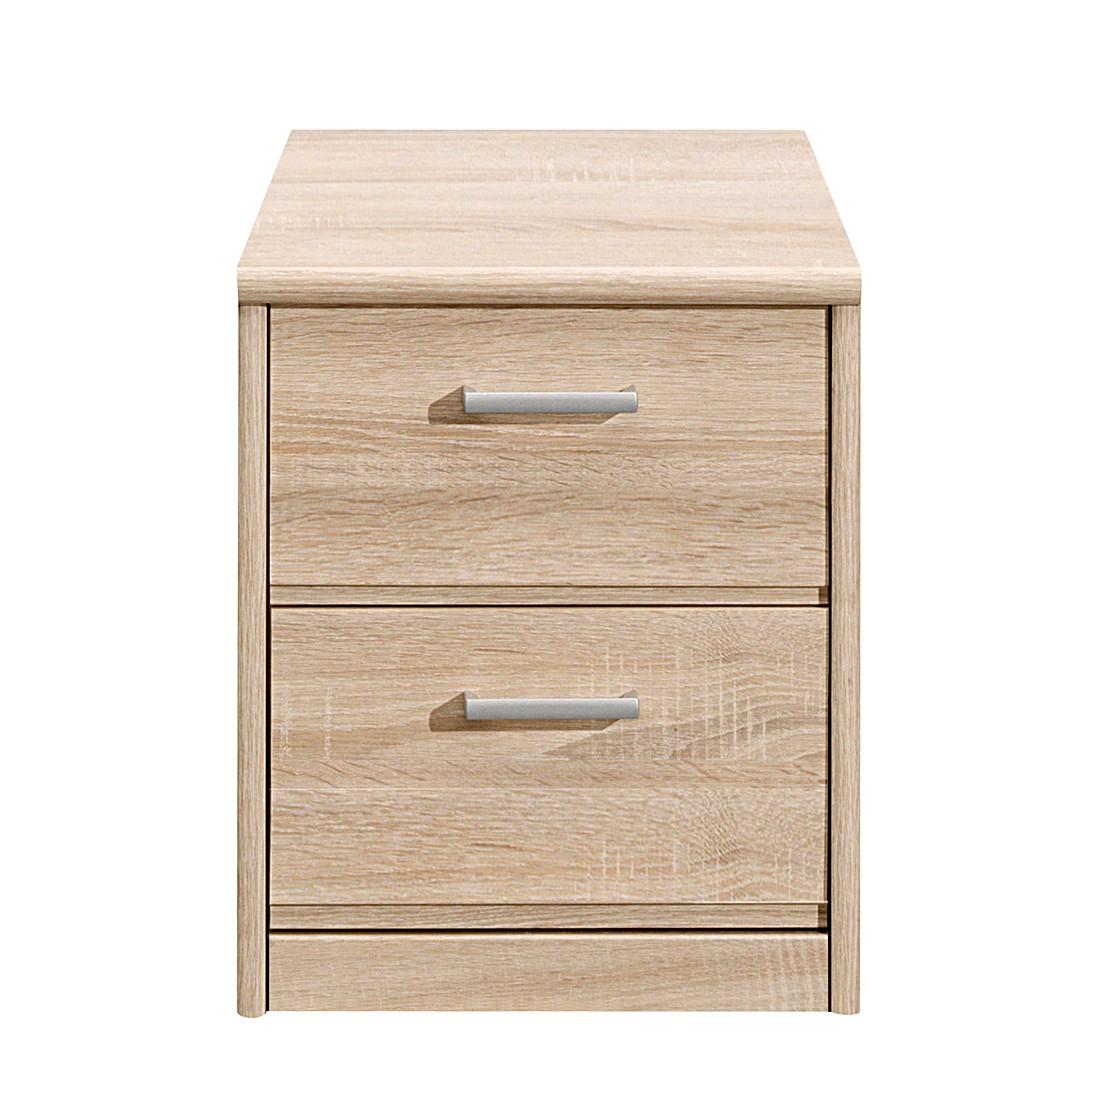 cs schmal preisvergleich die besten angebote online kaufen. Black Bedroom Furniture Sets. Home Design Ideas